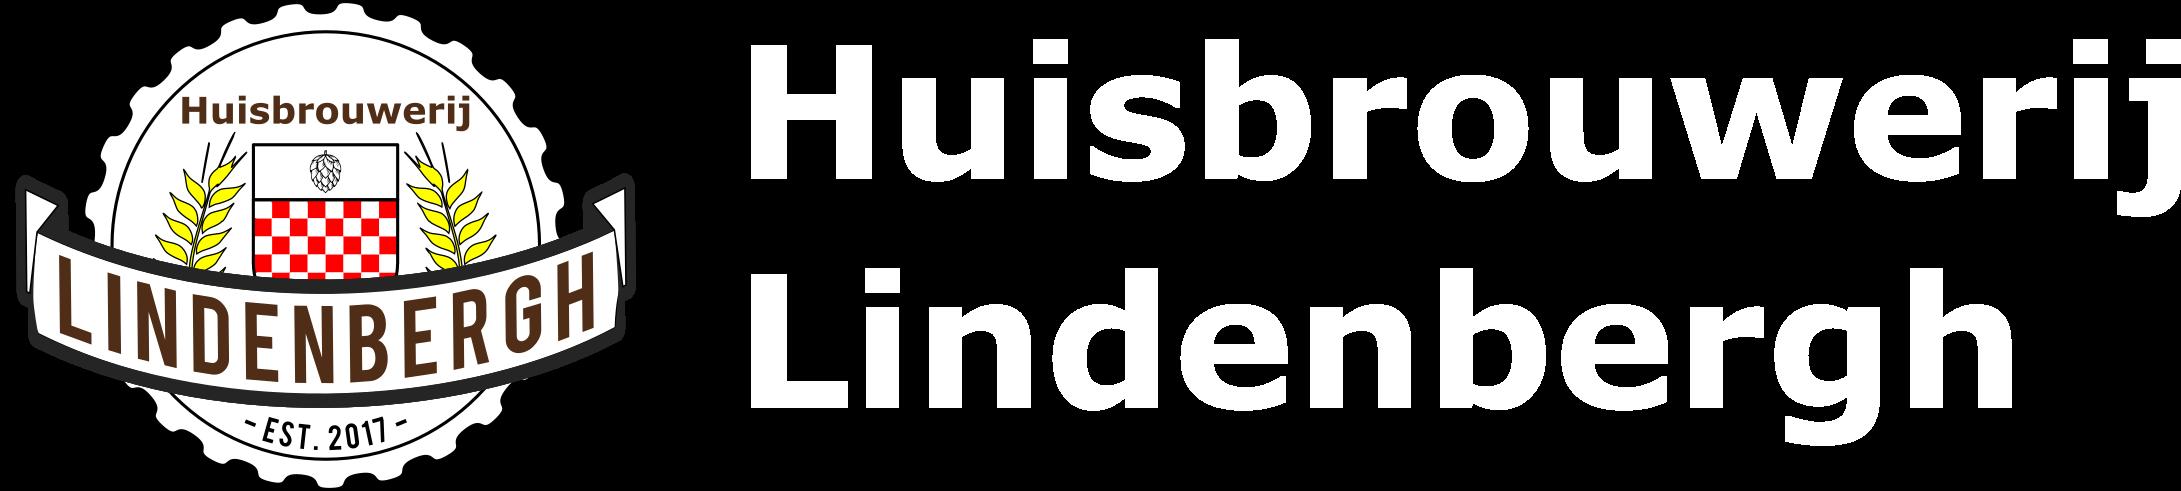 Huisbrouwerij Lindenbergh